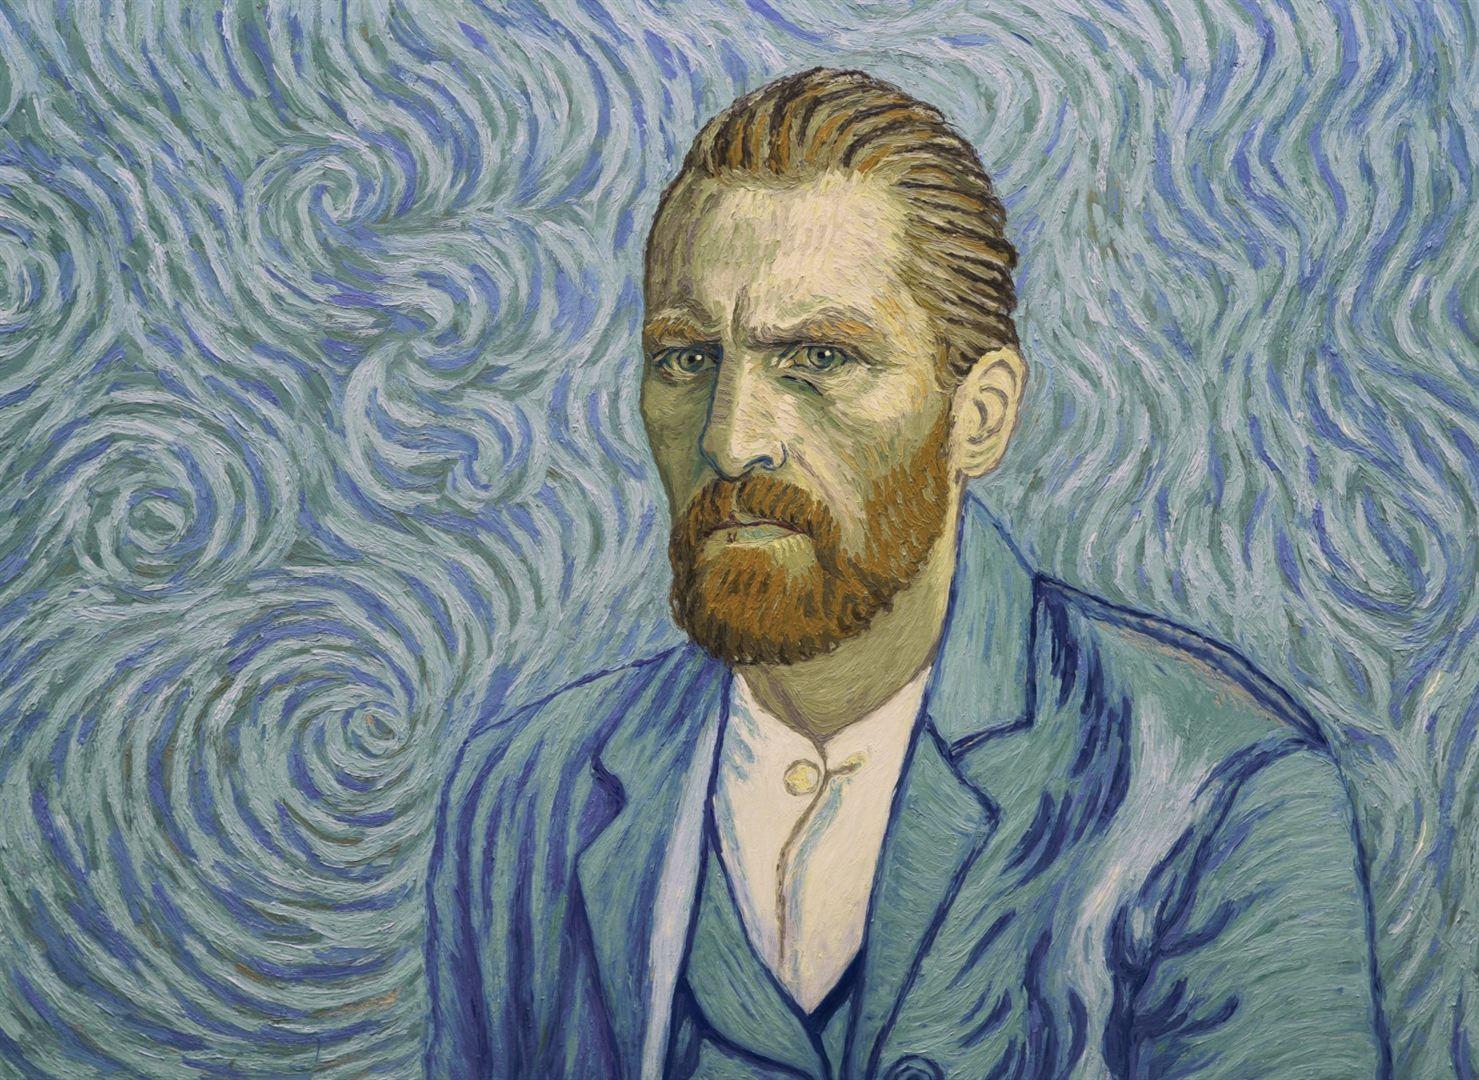 une image tirée du film reprenant un autoportrait de Van Gogh avec l'acteur du film